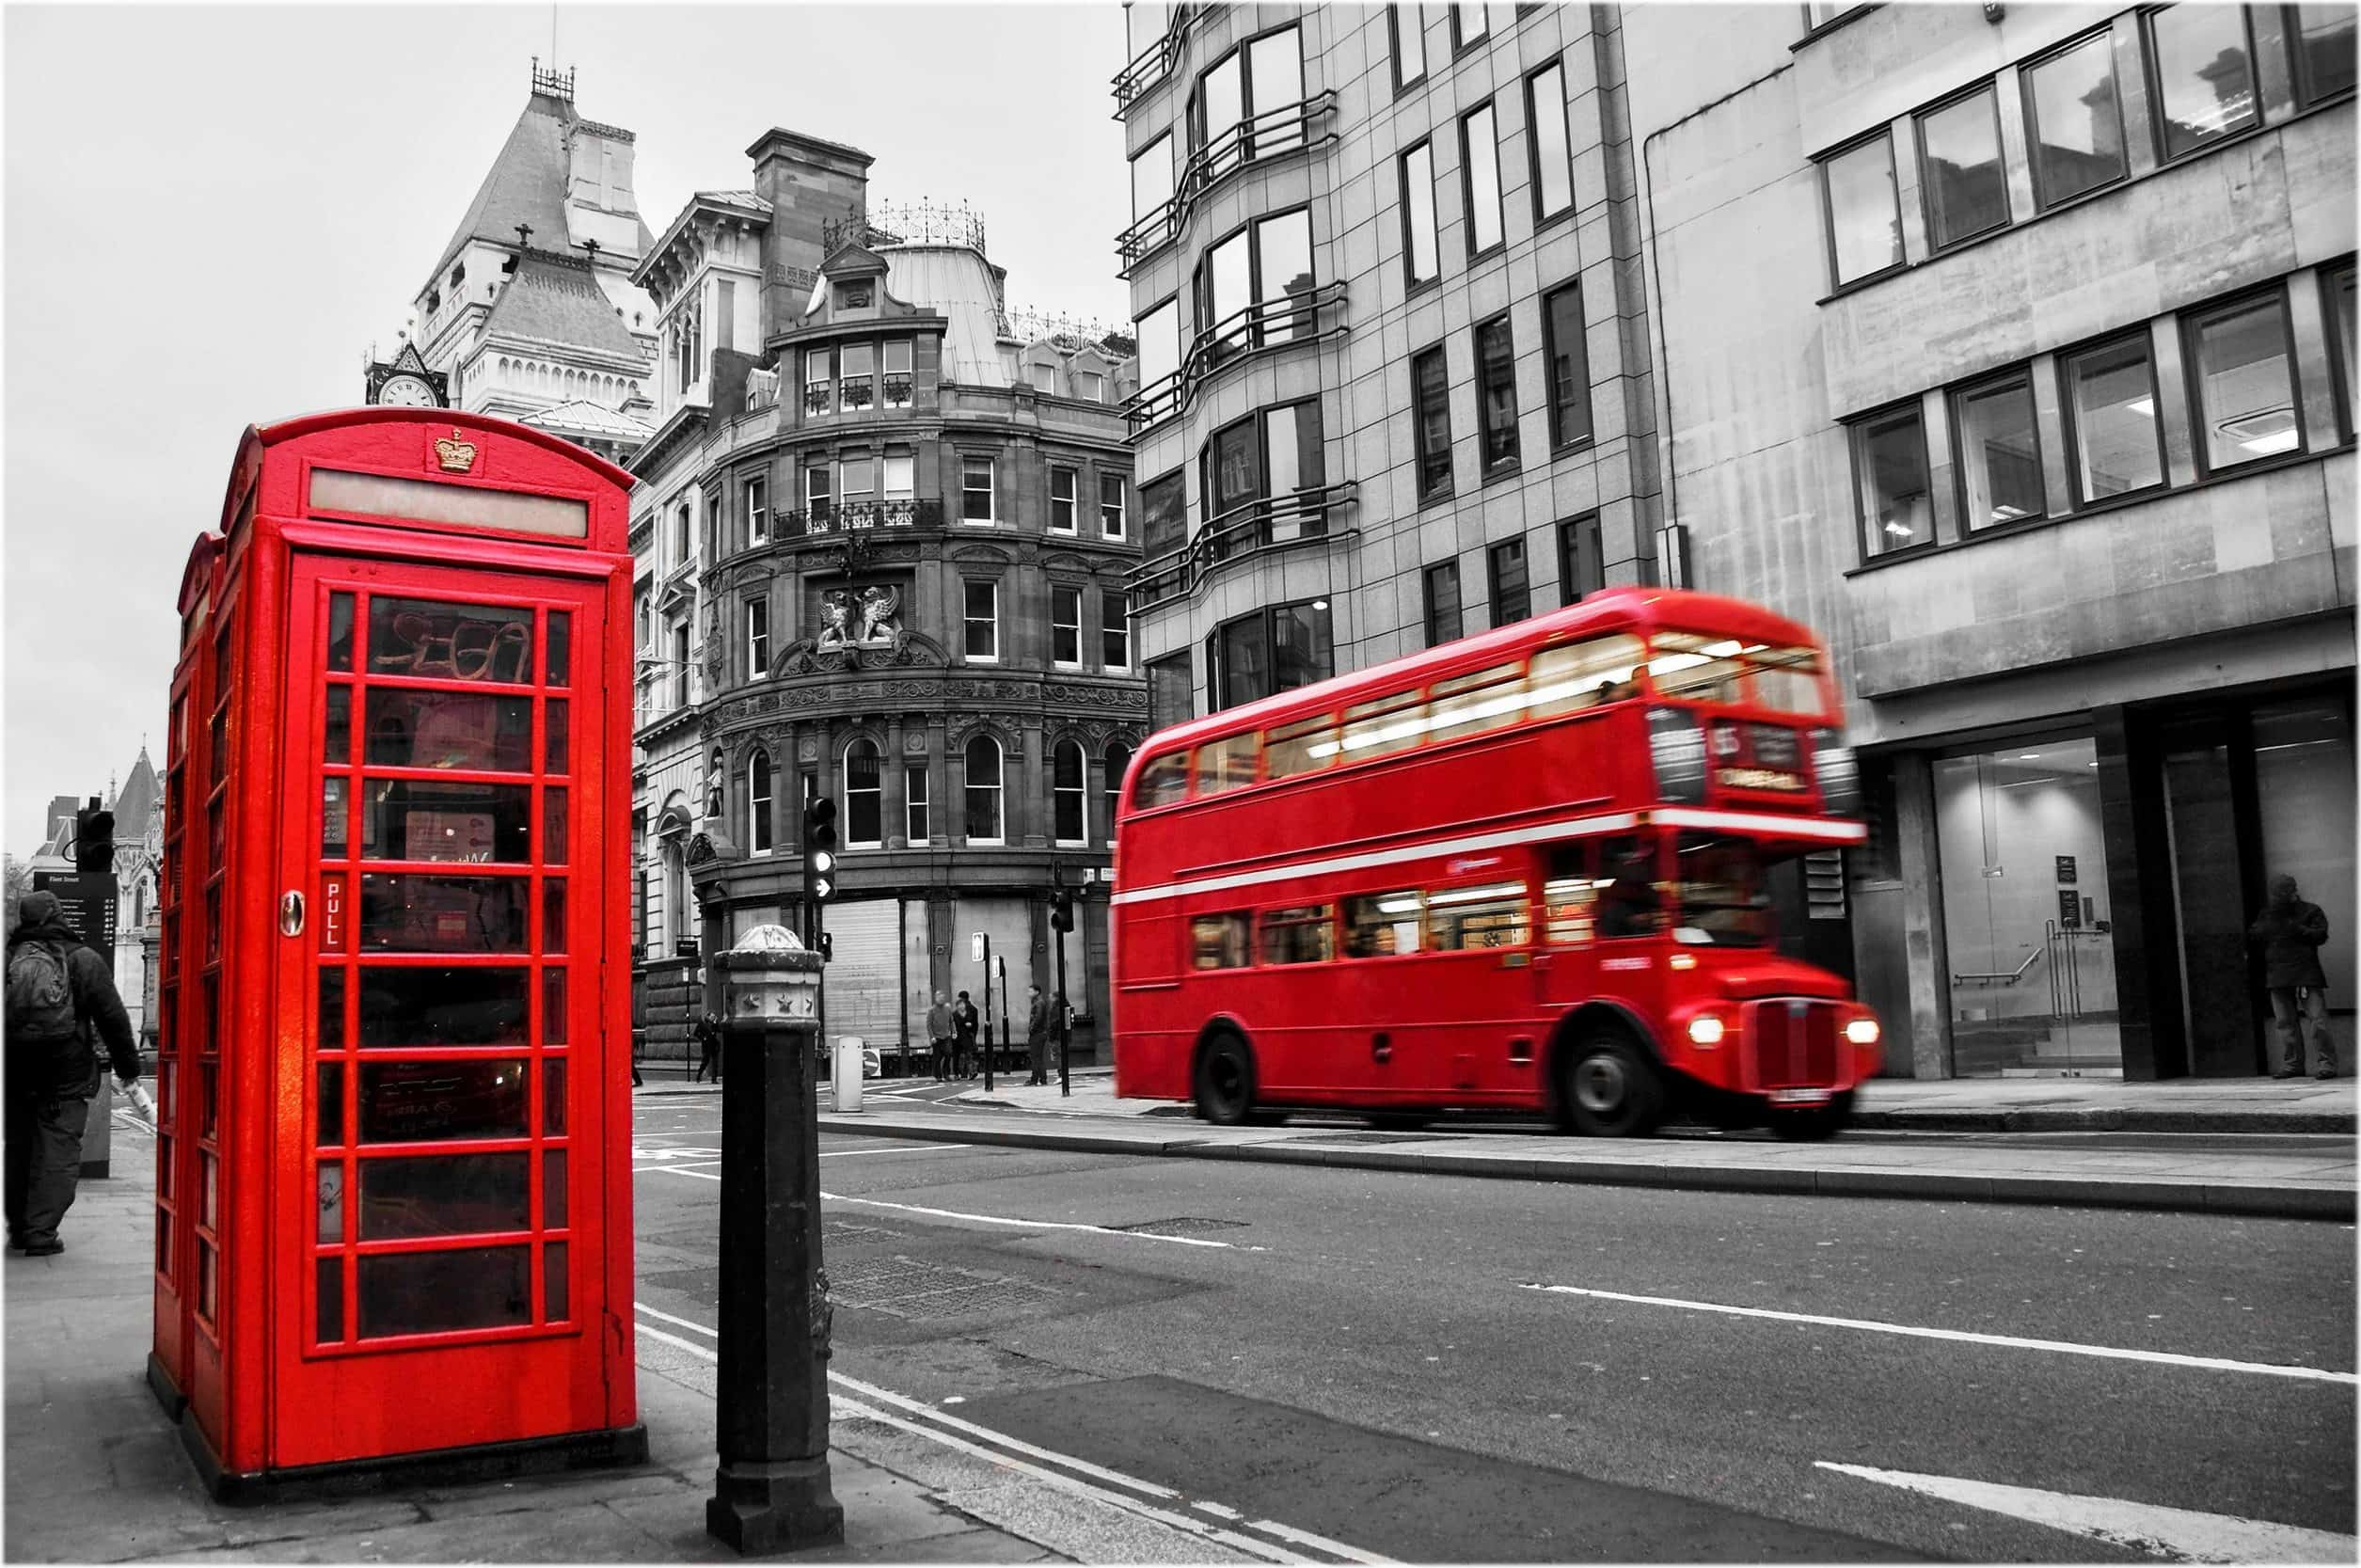 Почему в Лондоне красные автобусы и телефонные будки?